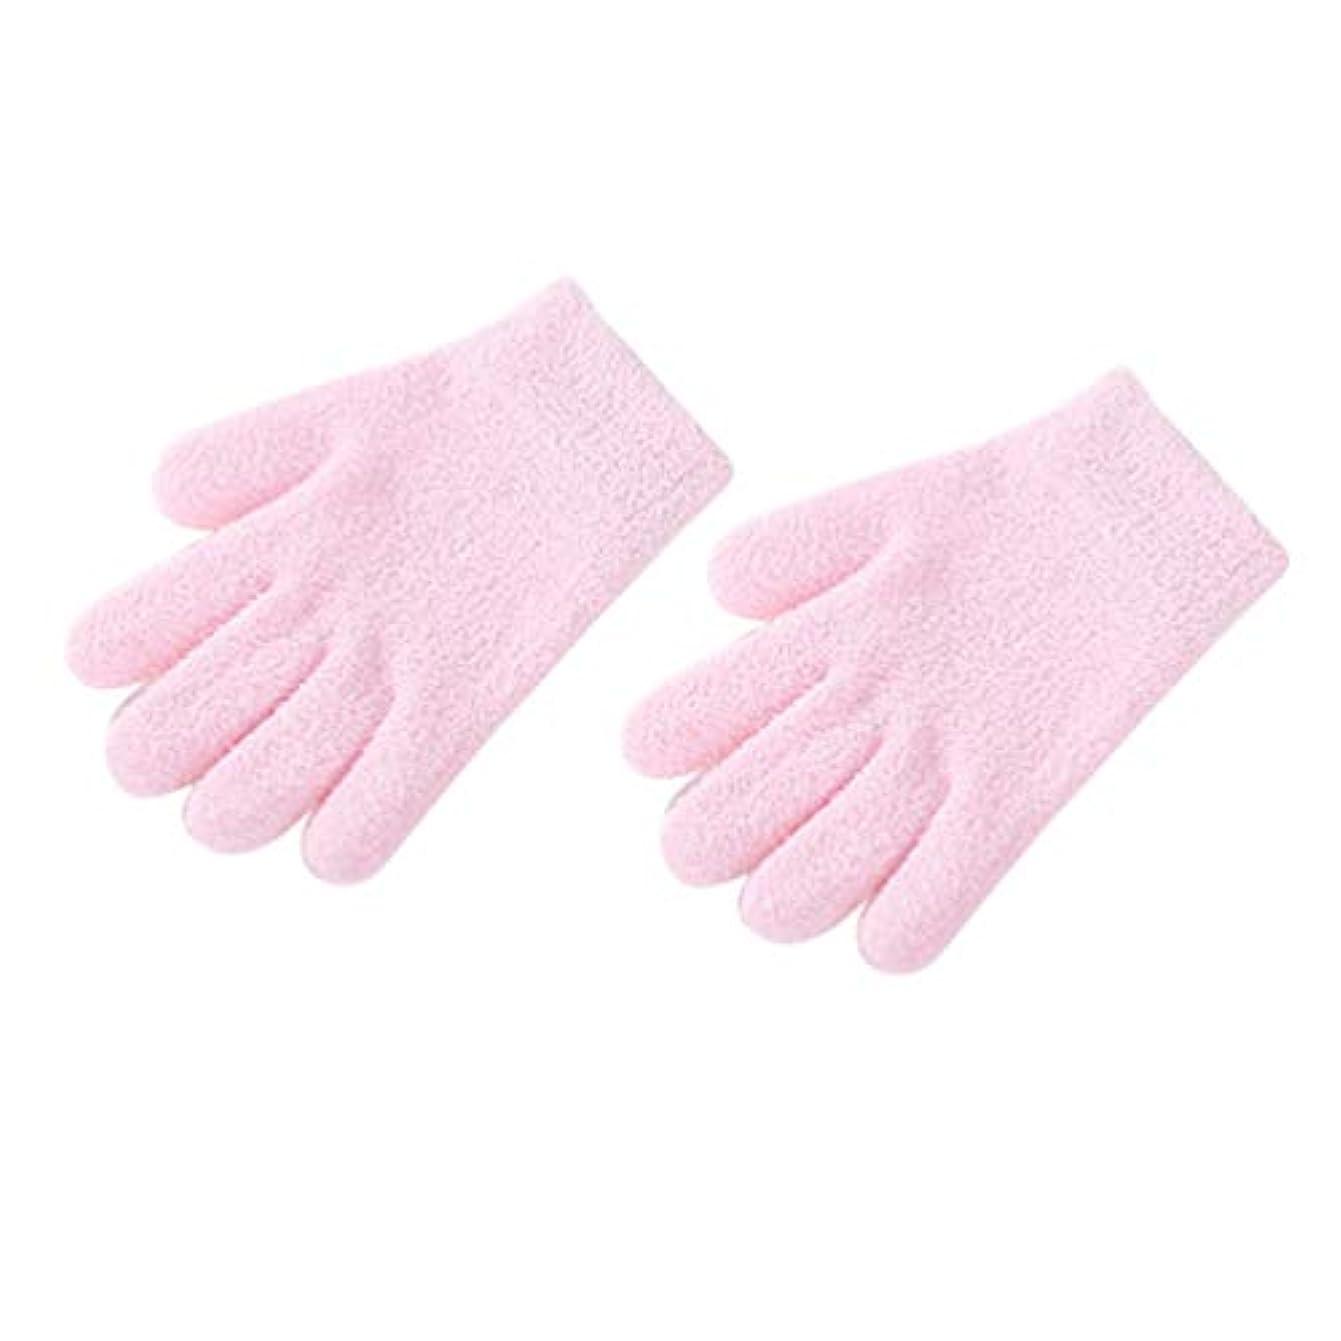 軽減するブランド名ヒゲクジラHealifty 美容用保湿手袋スキンケア手袋(ピンク)